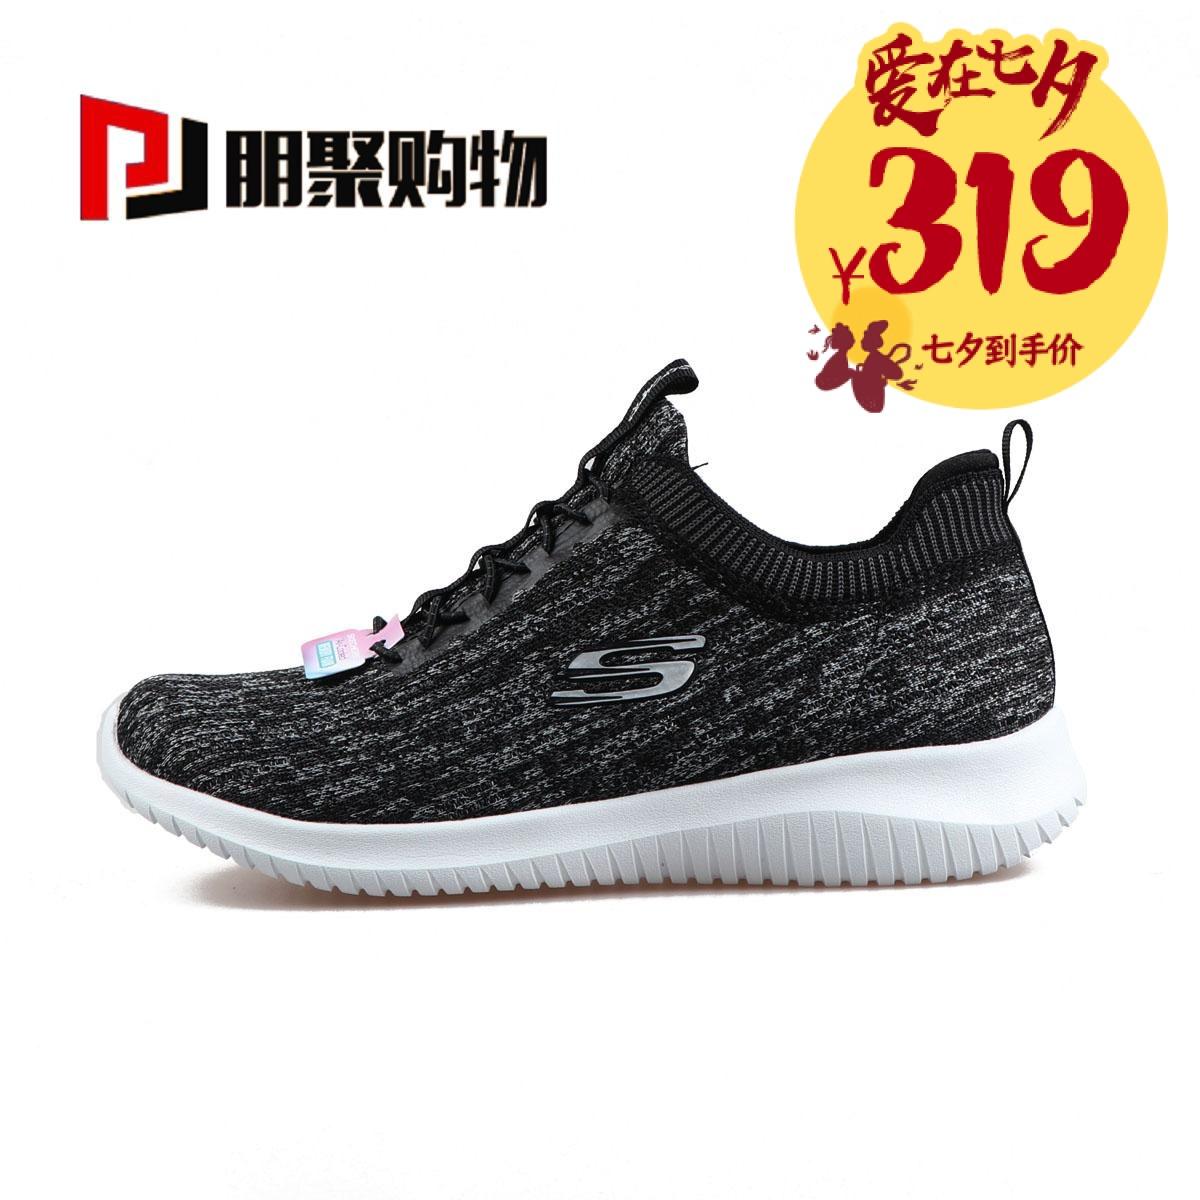 朋聚Skechers斯凯奇女鞋新款UL TRA FLEX拼色编织休闲鞋跑鞋12831